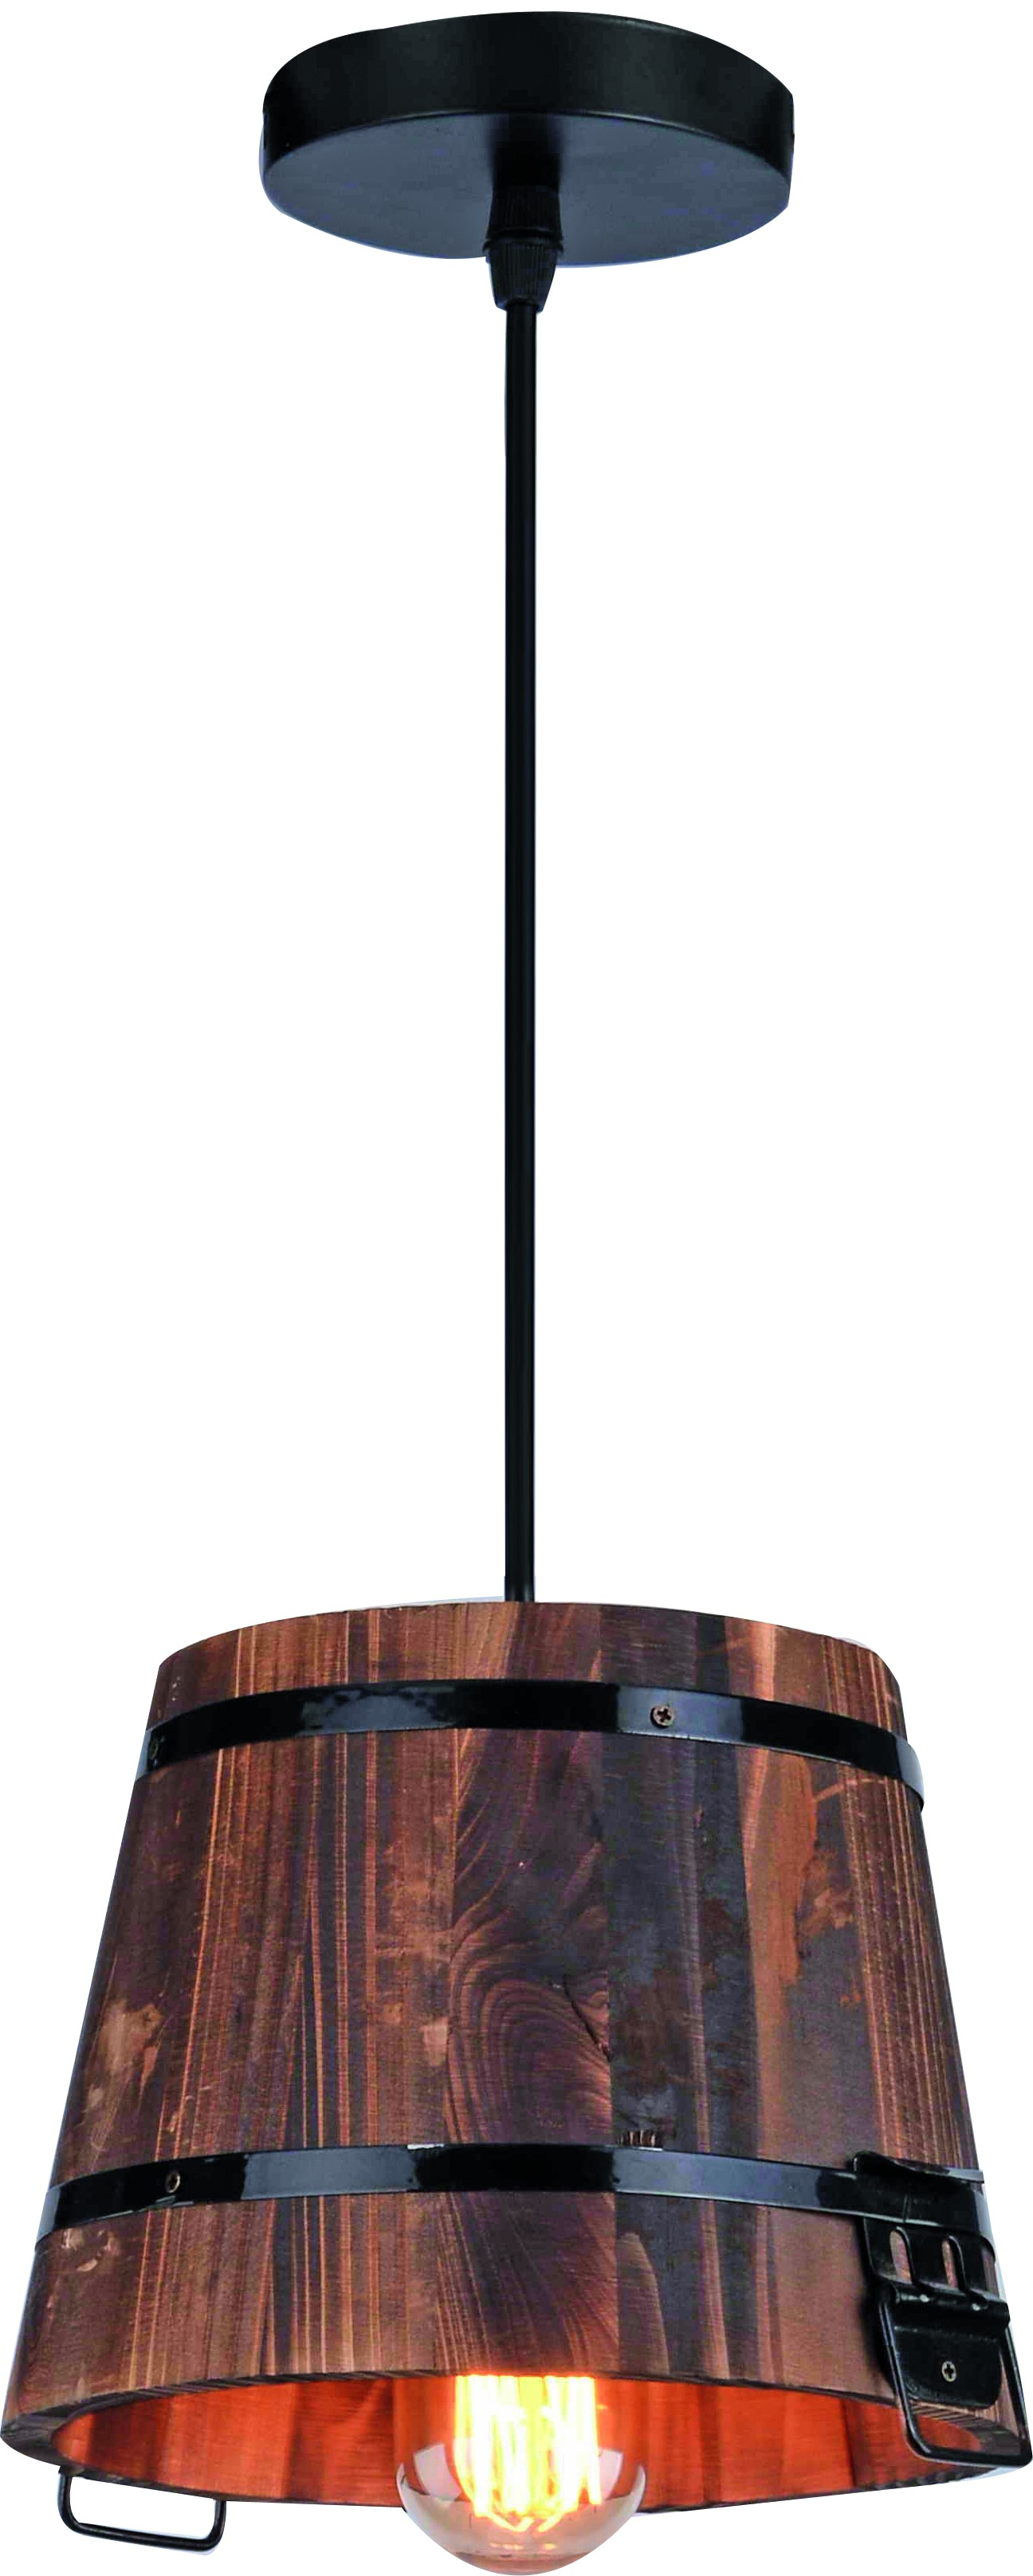 Светильник подвесной Arte lamp A4144sp-1br